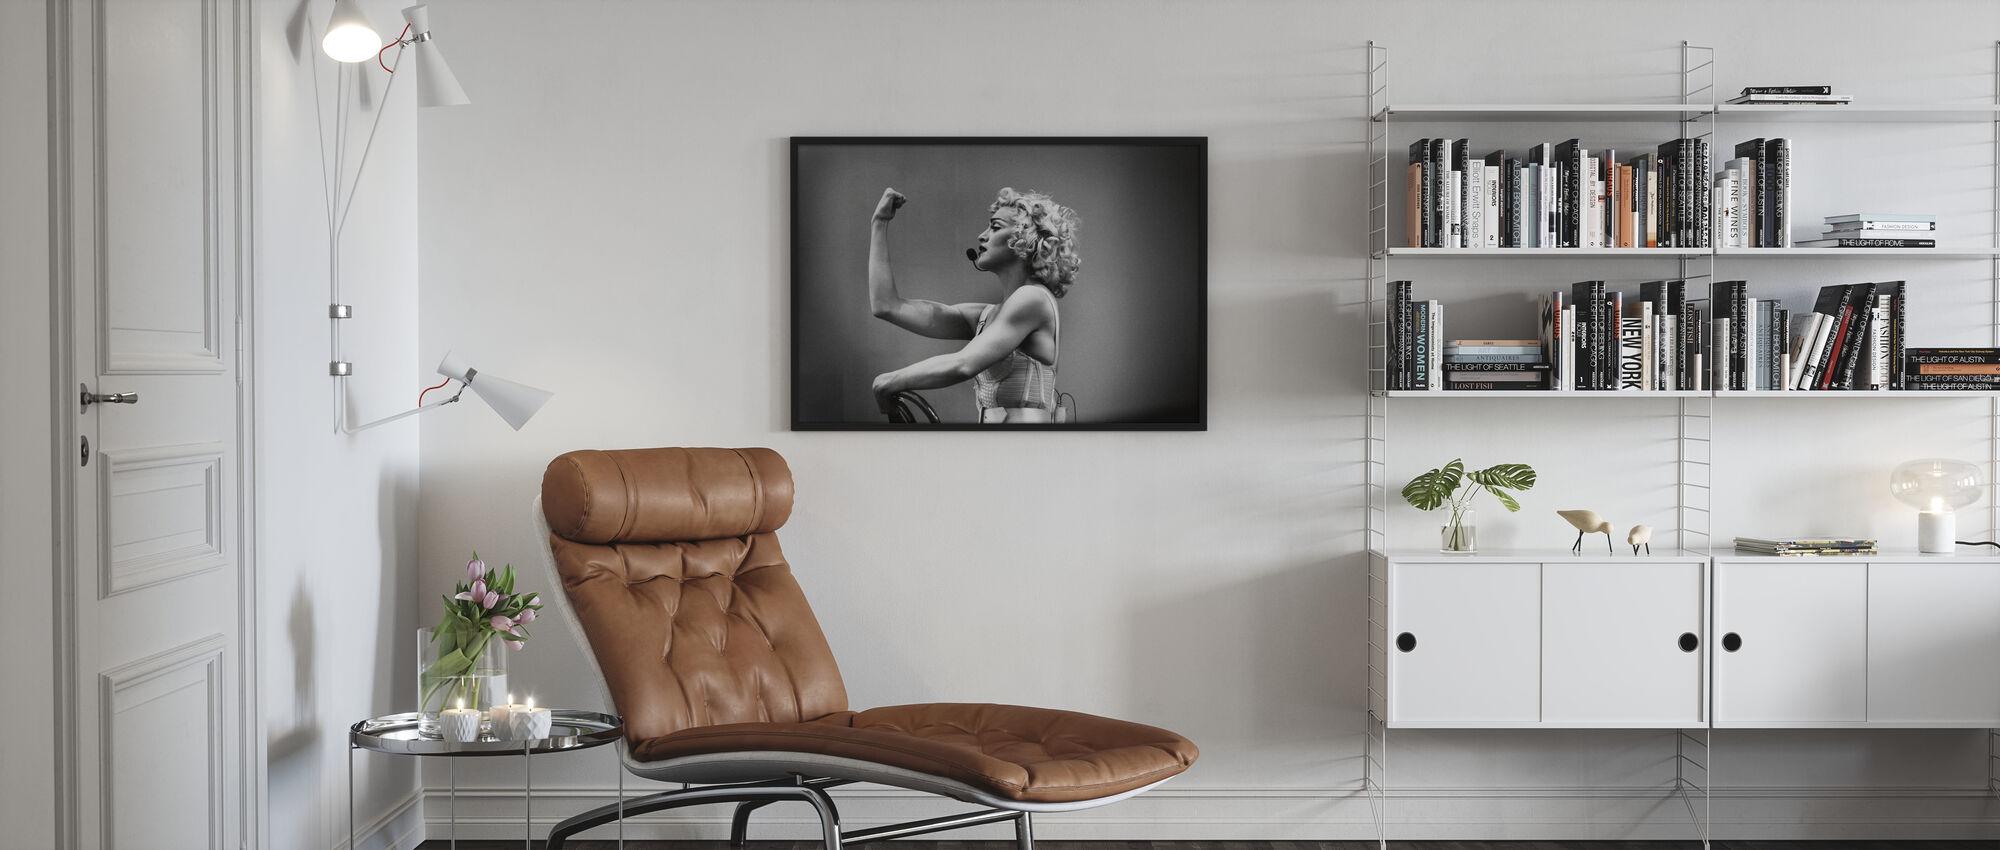 Drücken Sie sich selbst - Madonna - Gerahmtes bild - Wohnzimmer